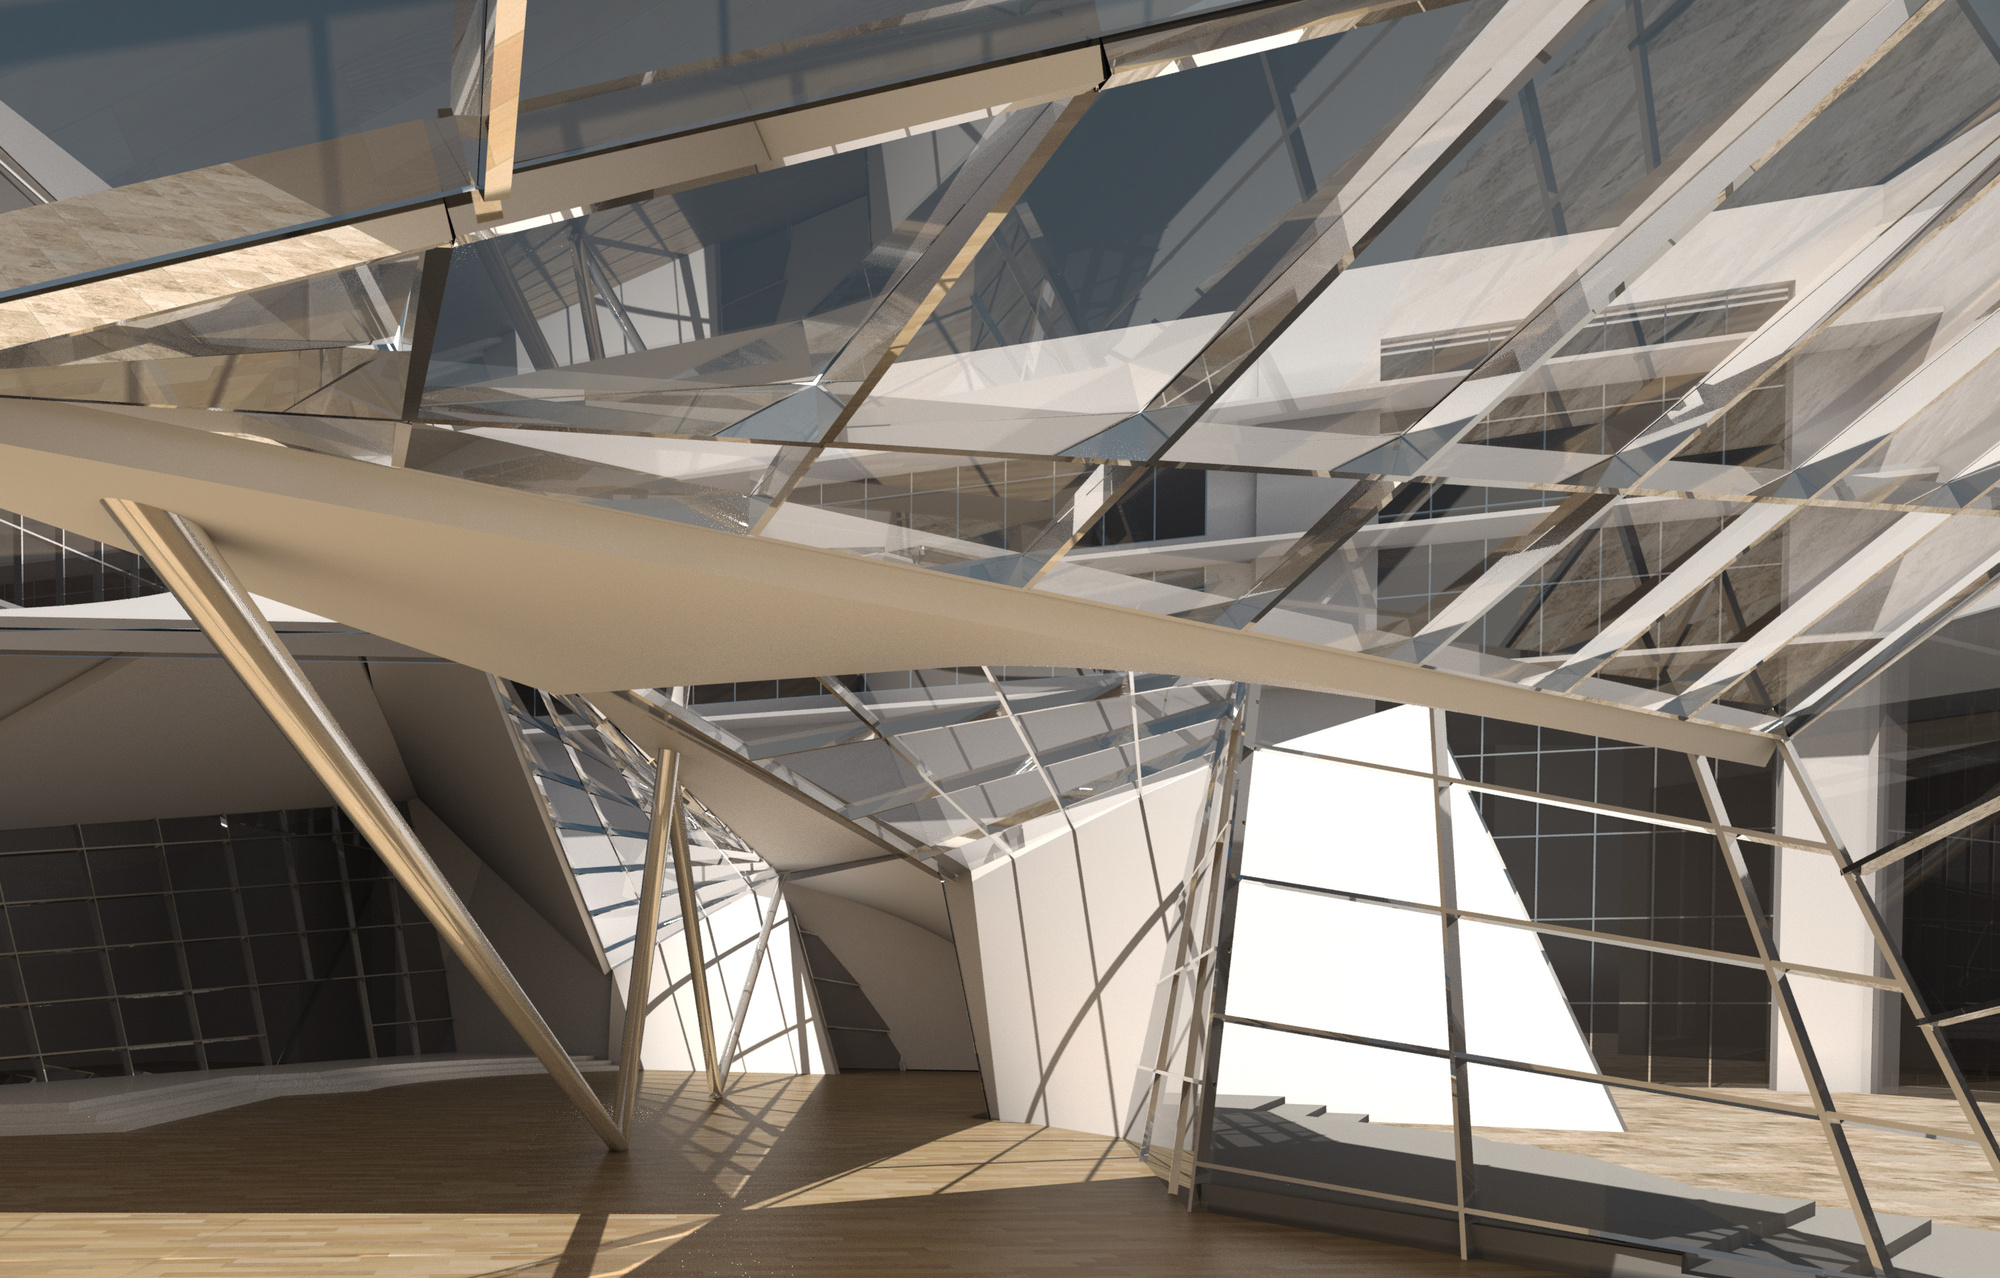 Raas-rendering20150510-30901-rwjzsr